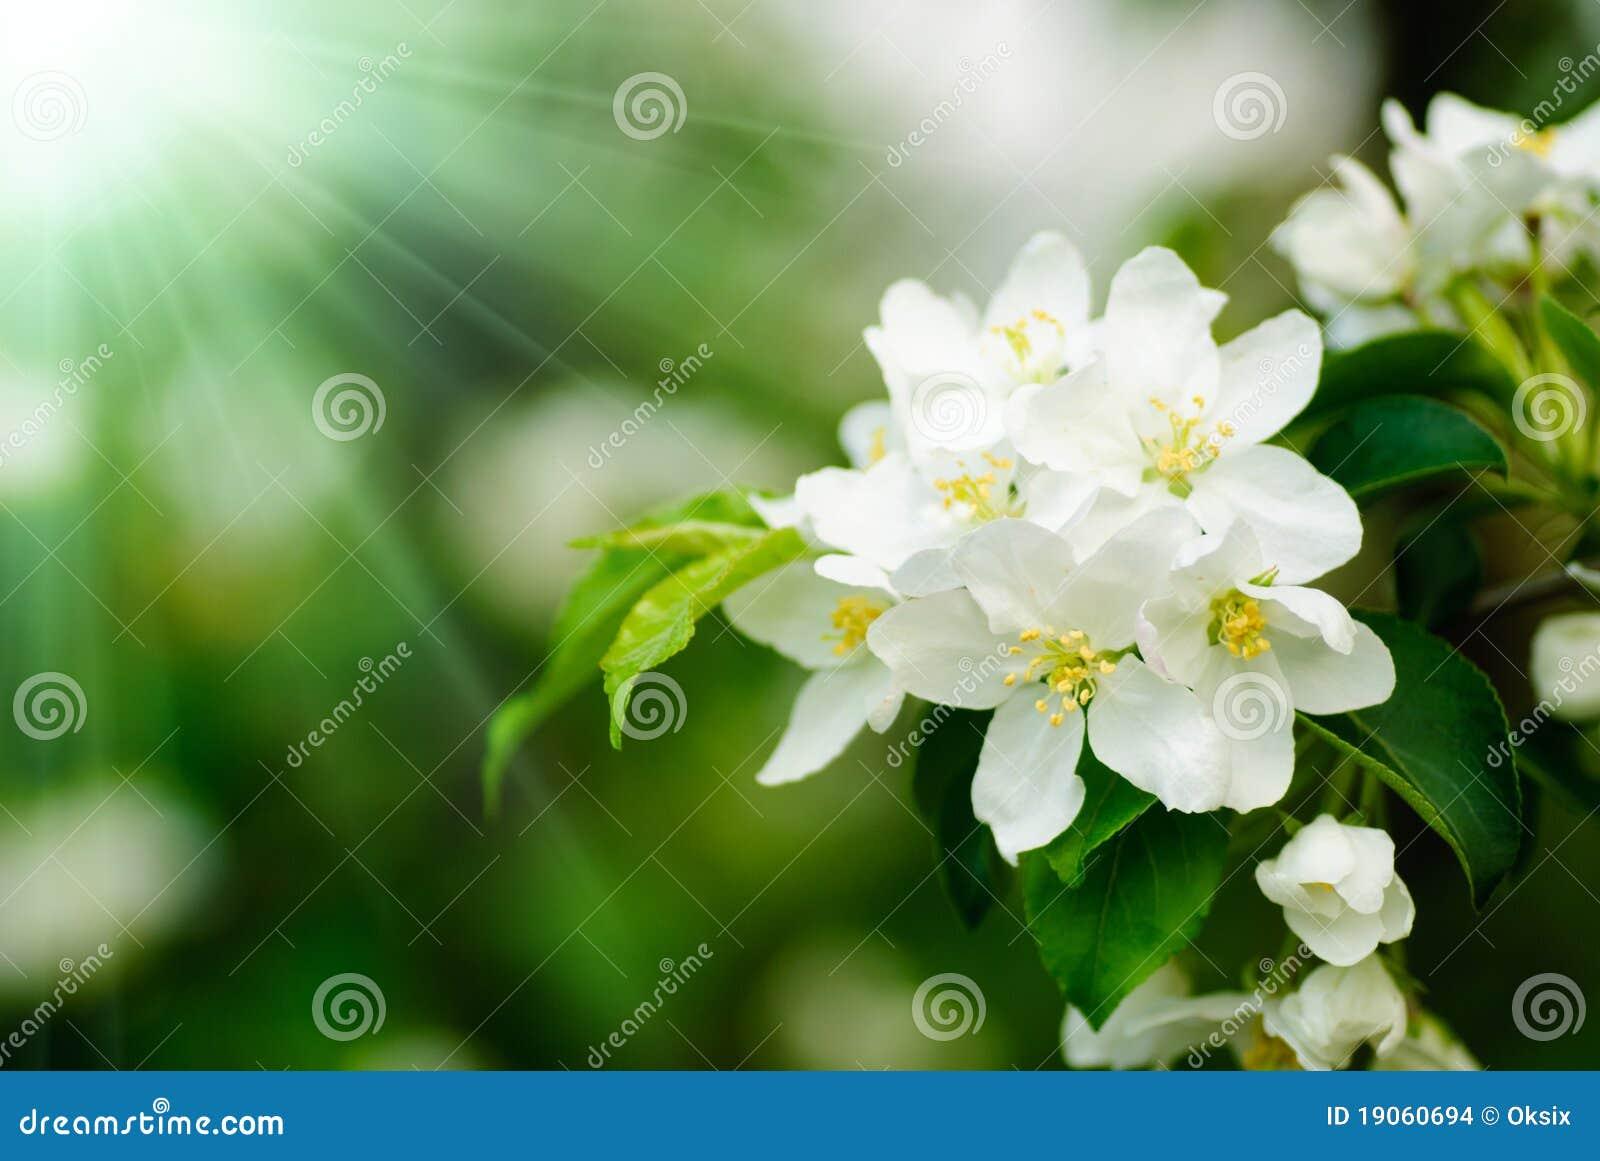 Macro del flor del rbol de membrillo imagenes de archivo - Arbol de membrillo ...